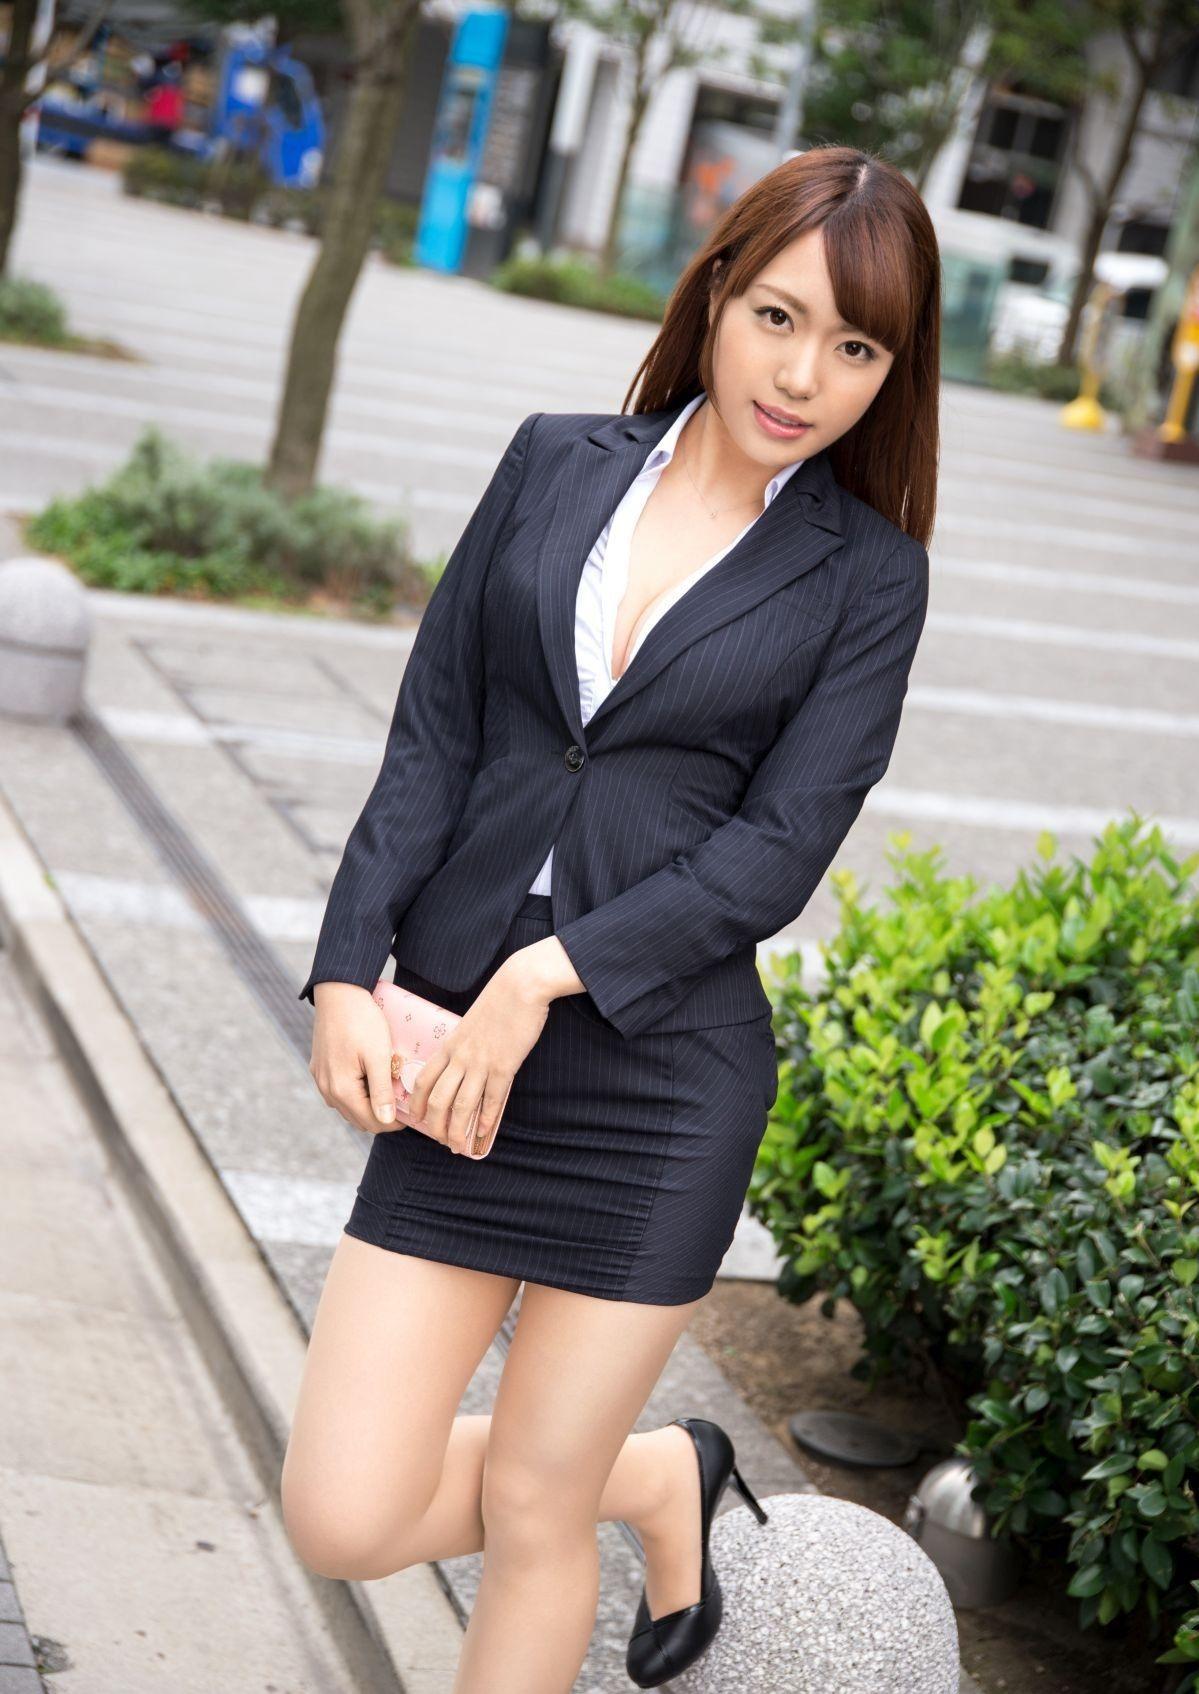 三次元 3次元 エロ画像 スーツ べっぴん娘通信 015